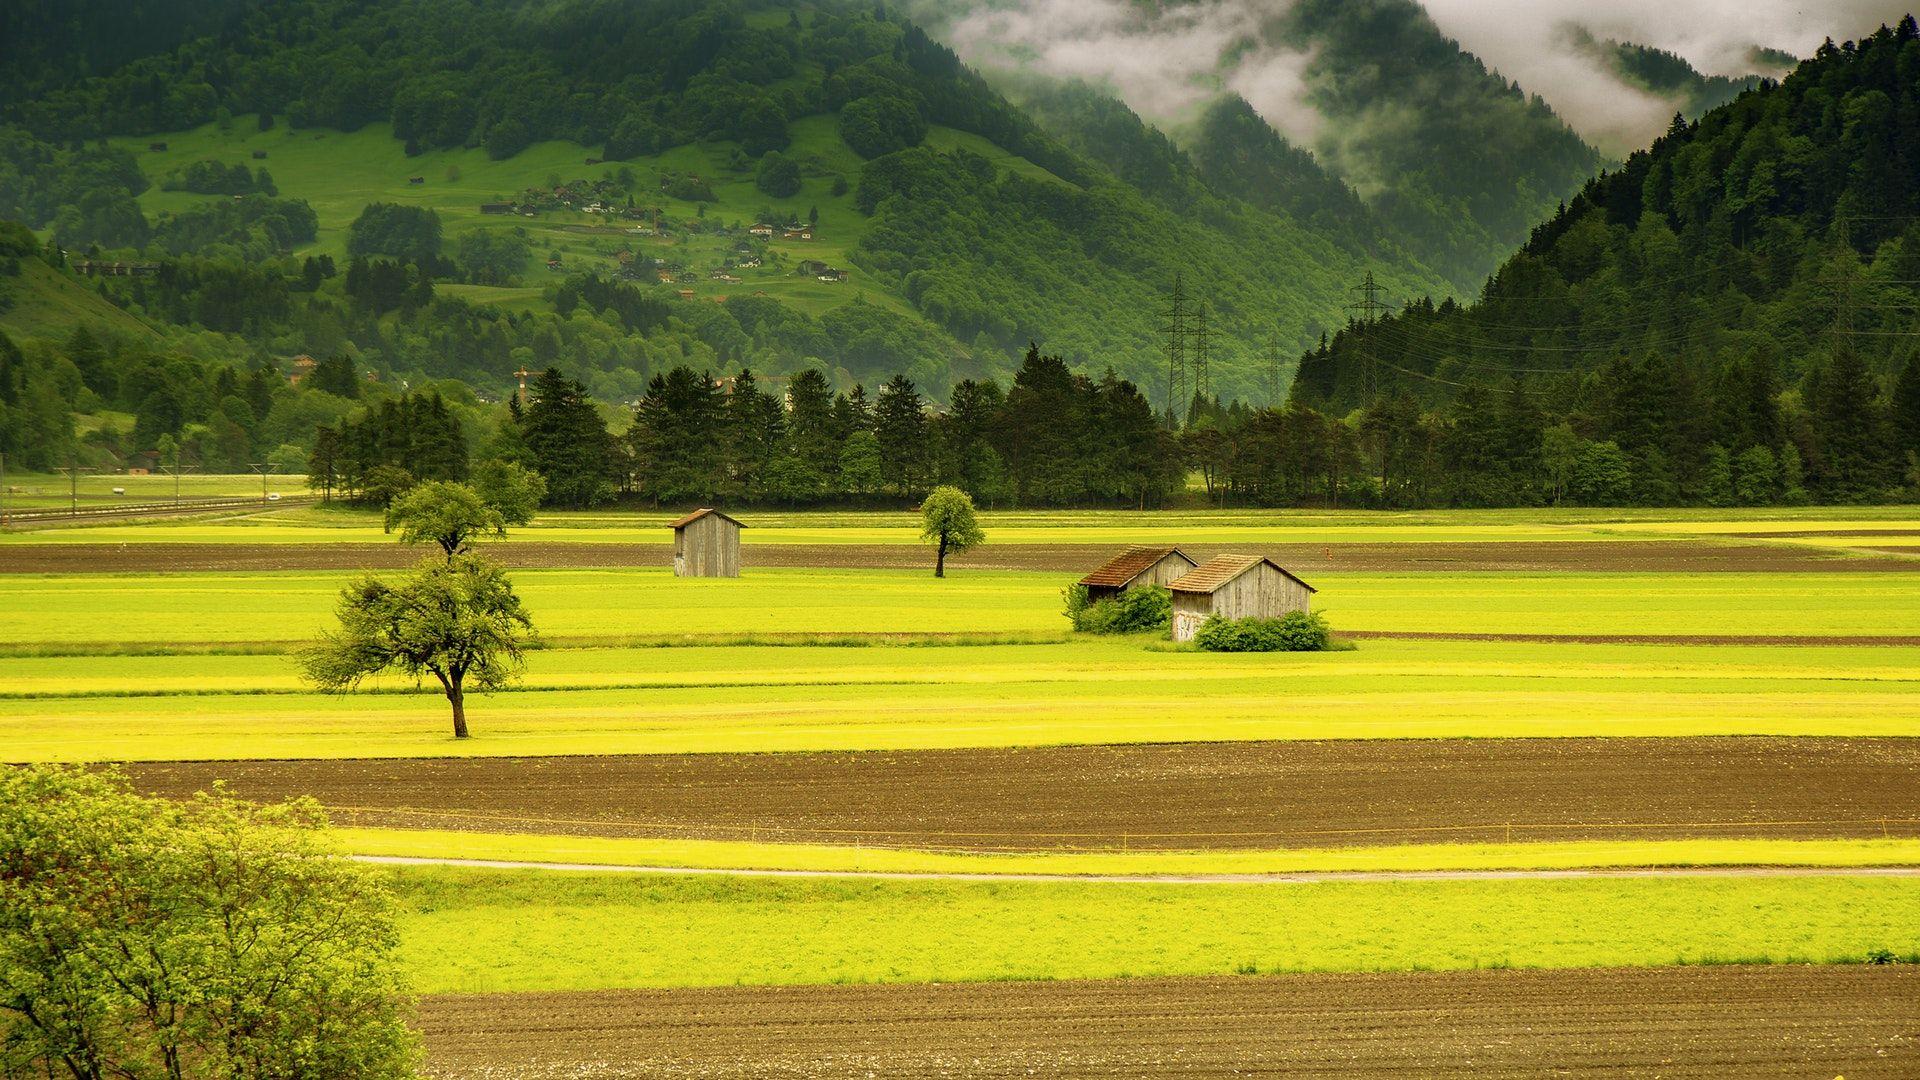 عکس زمینه خانه در وسط چمن سرسبز و کوه ها پس زمینه